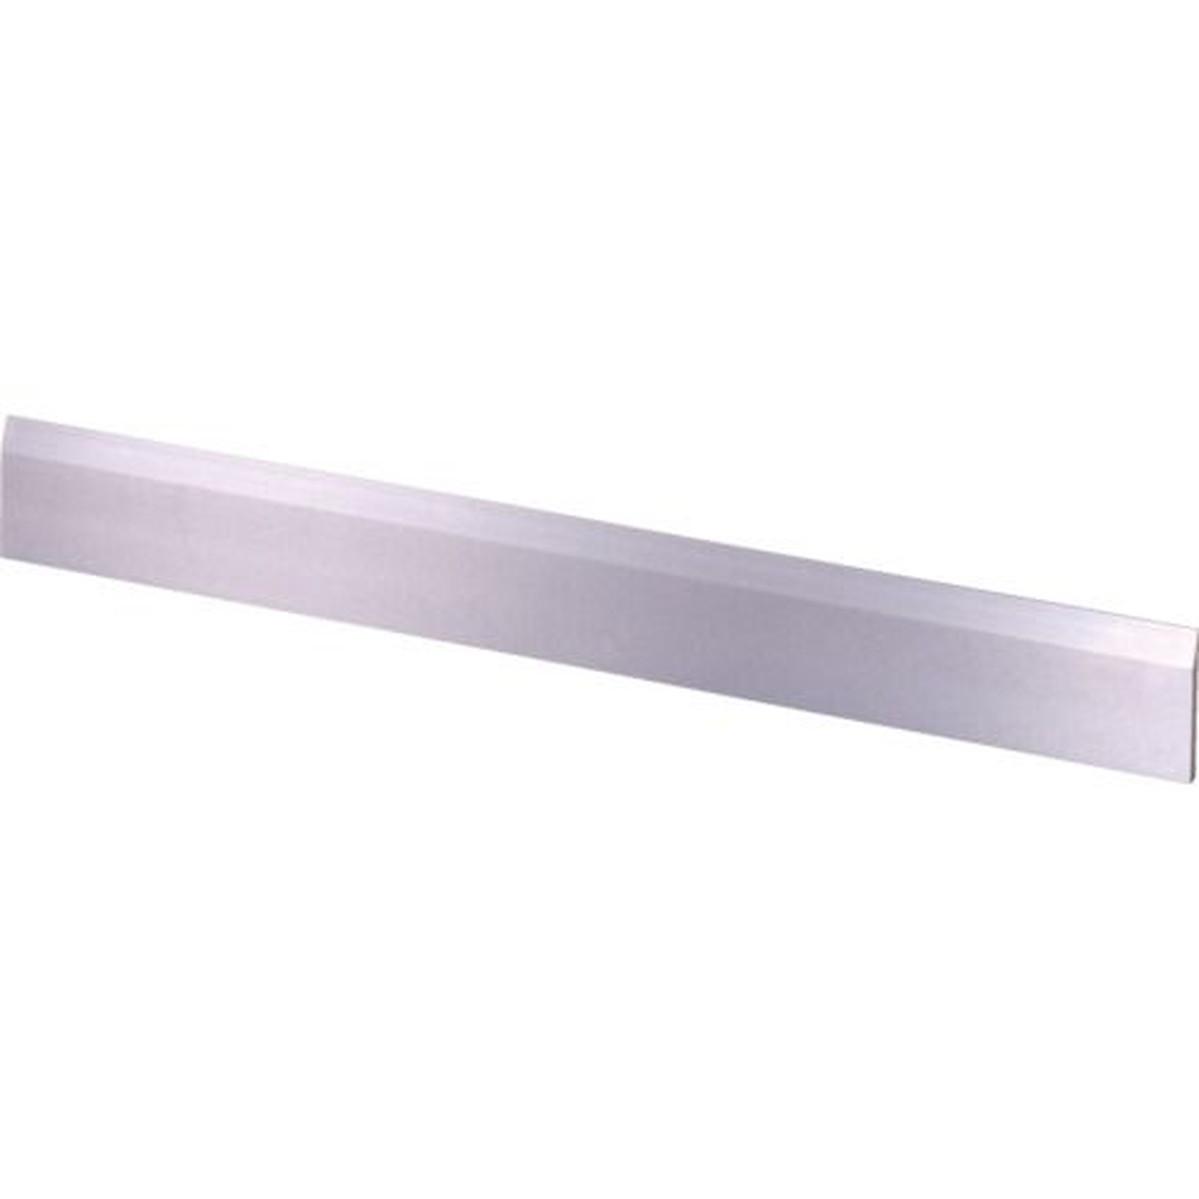 【2021春夏新作】 ユニ ベベル型ストレートエッヂ A級 A級 1500mm 1個 1個, Total table ware MIZUSAWA:97ad3a67 --- beautyflurry.com